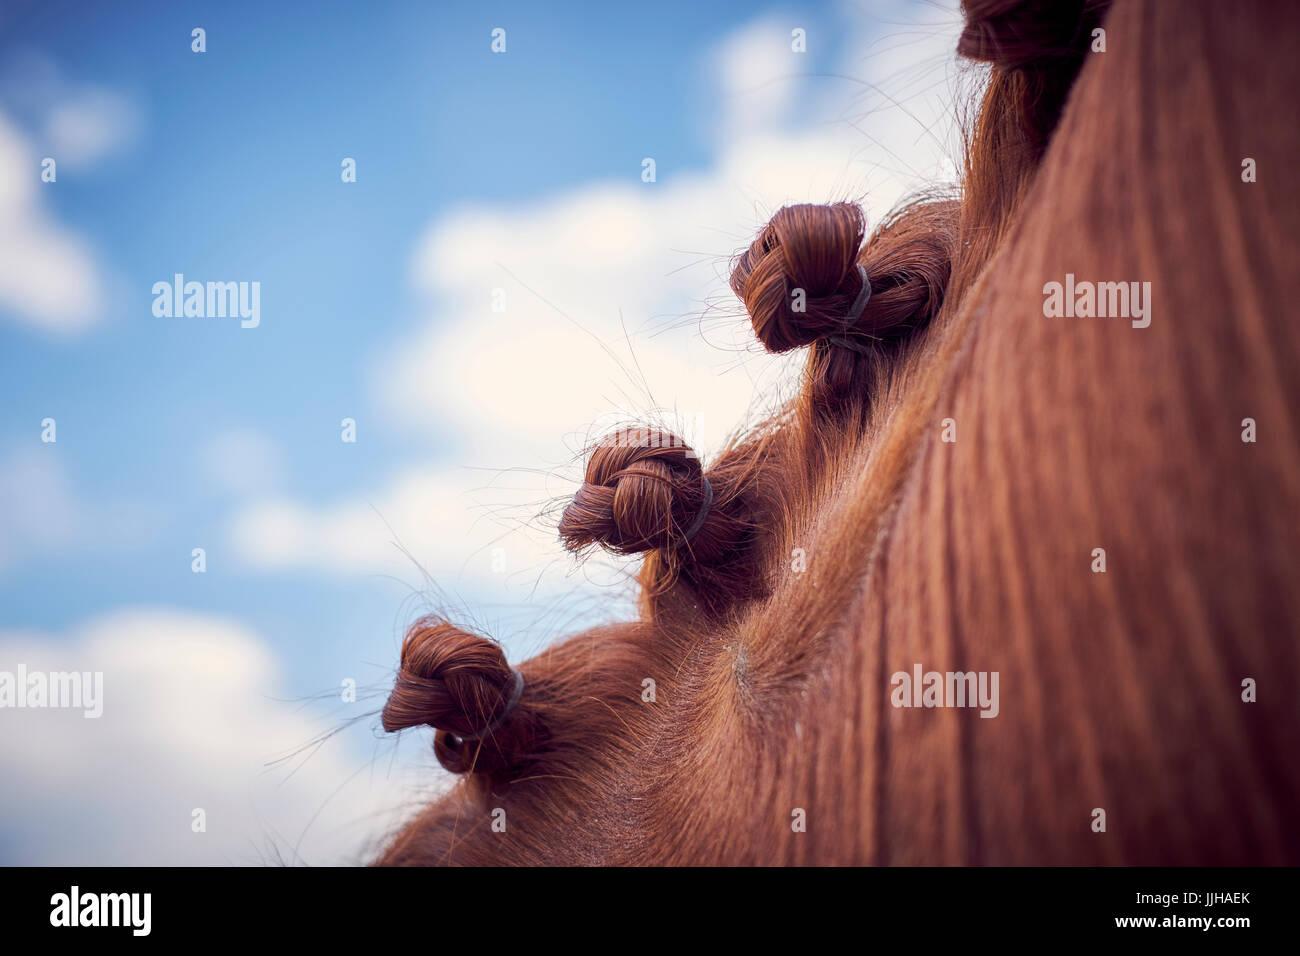 Dettaglio del faldatore su un cavallo di mane. Immagini Stock